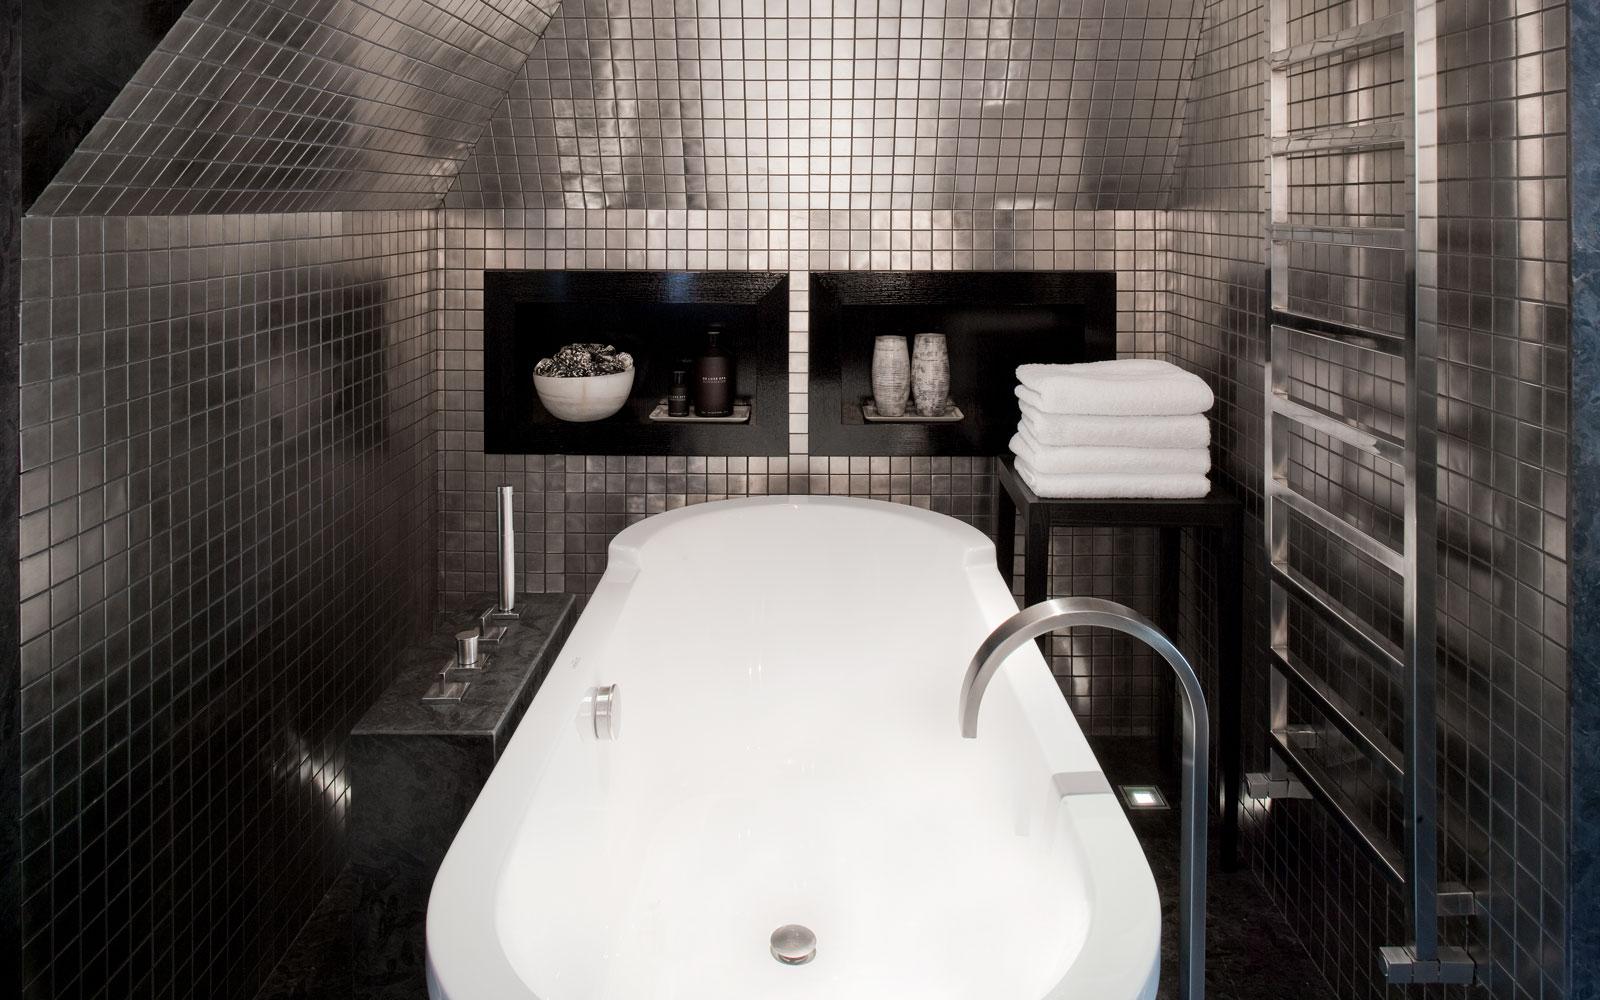 Badkamer, wellness, badkuip, vrijstaand bad, kraan, tegelwand, riante villa, Leeflang Architectuur